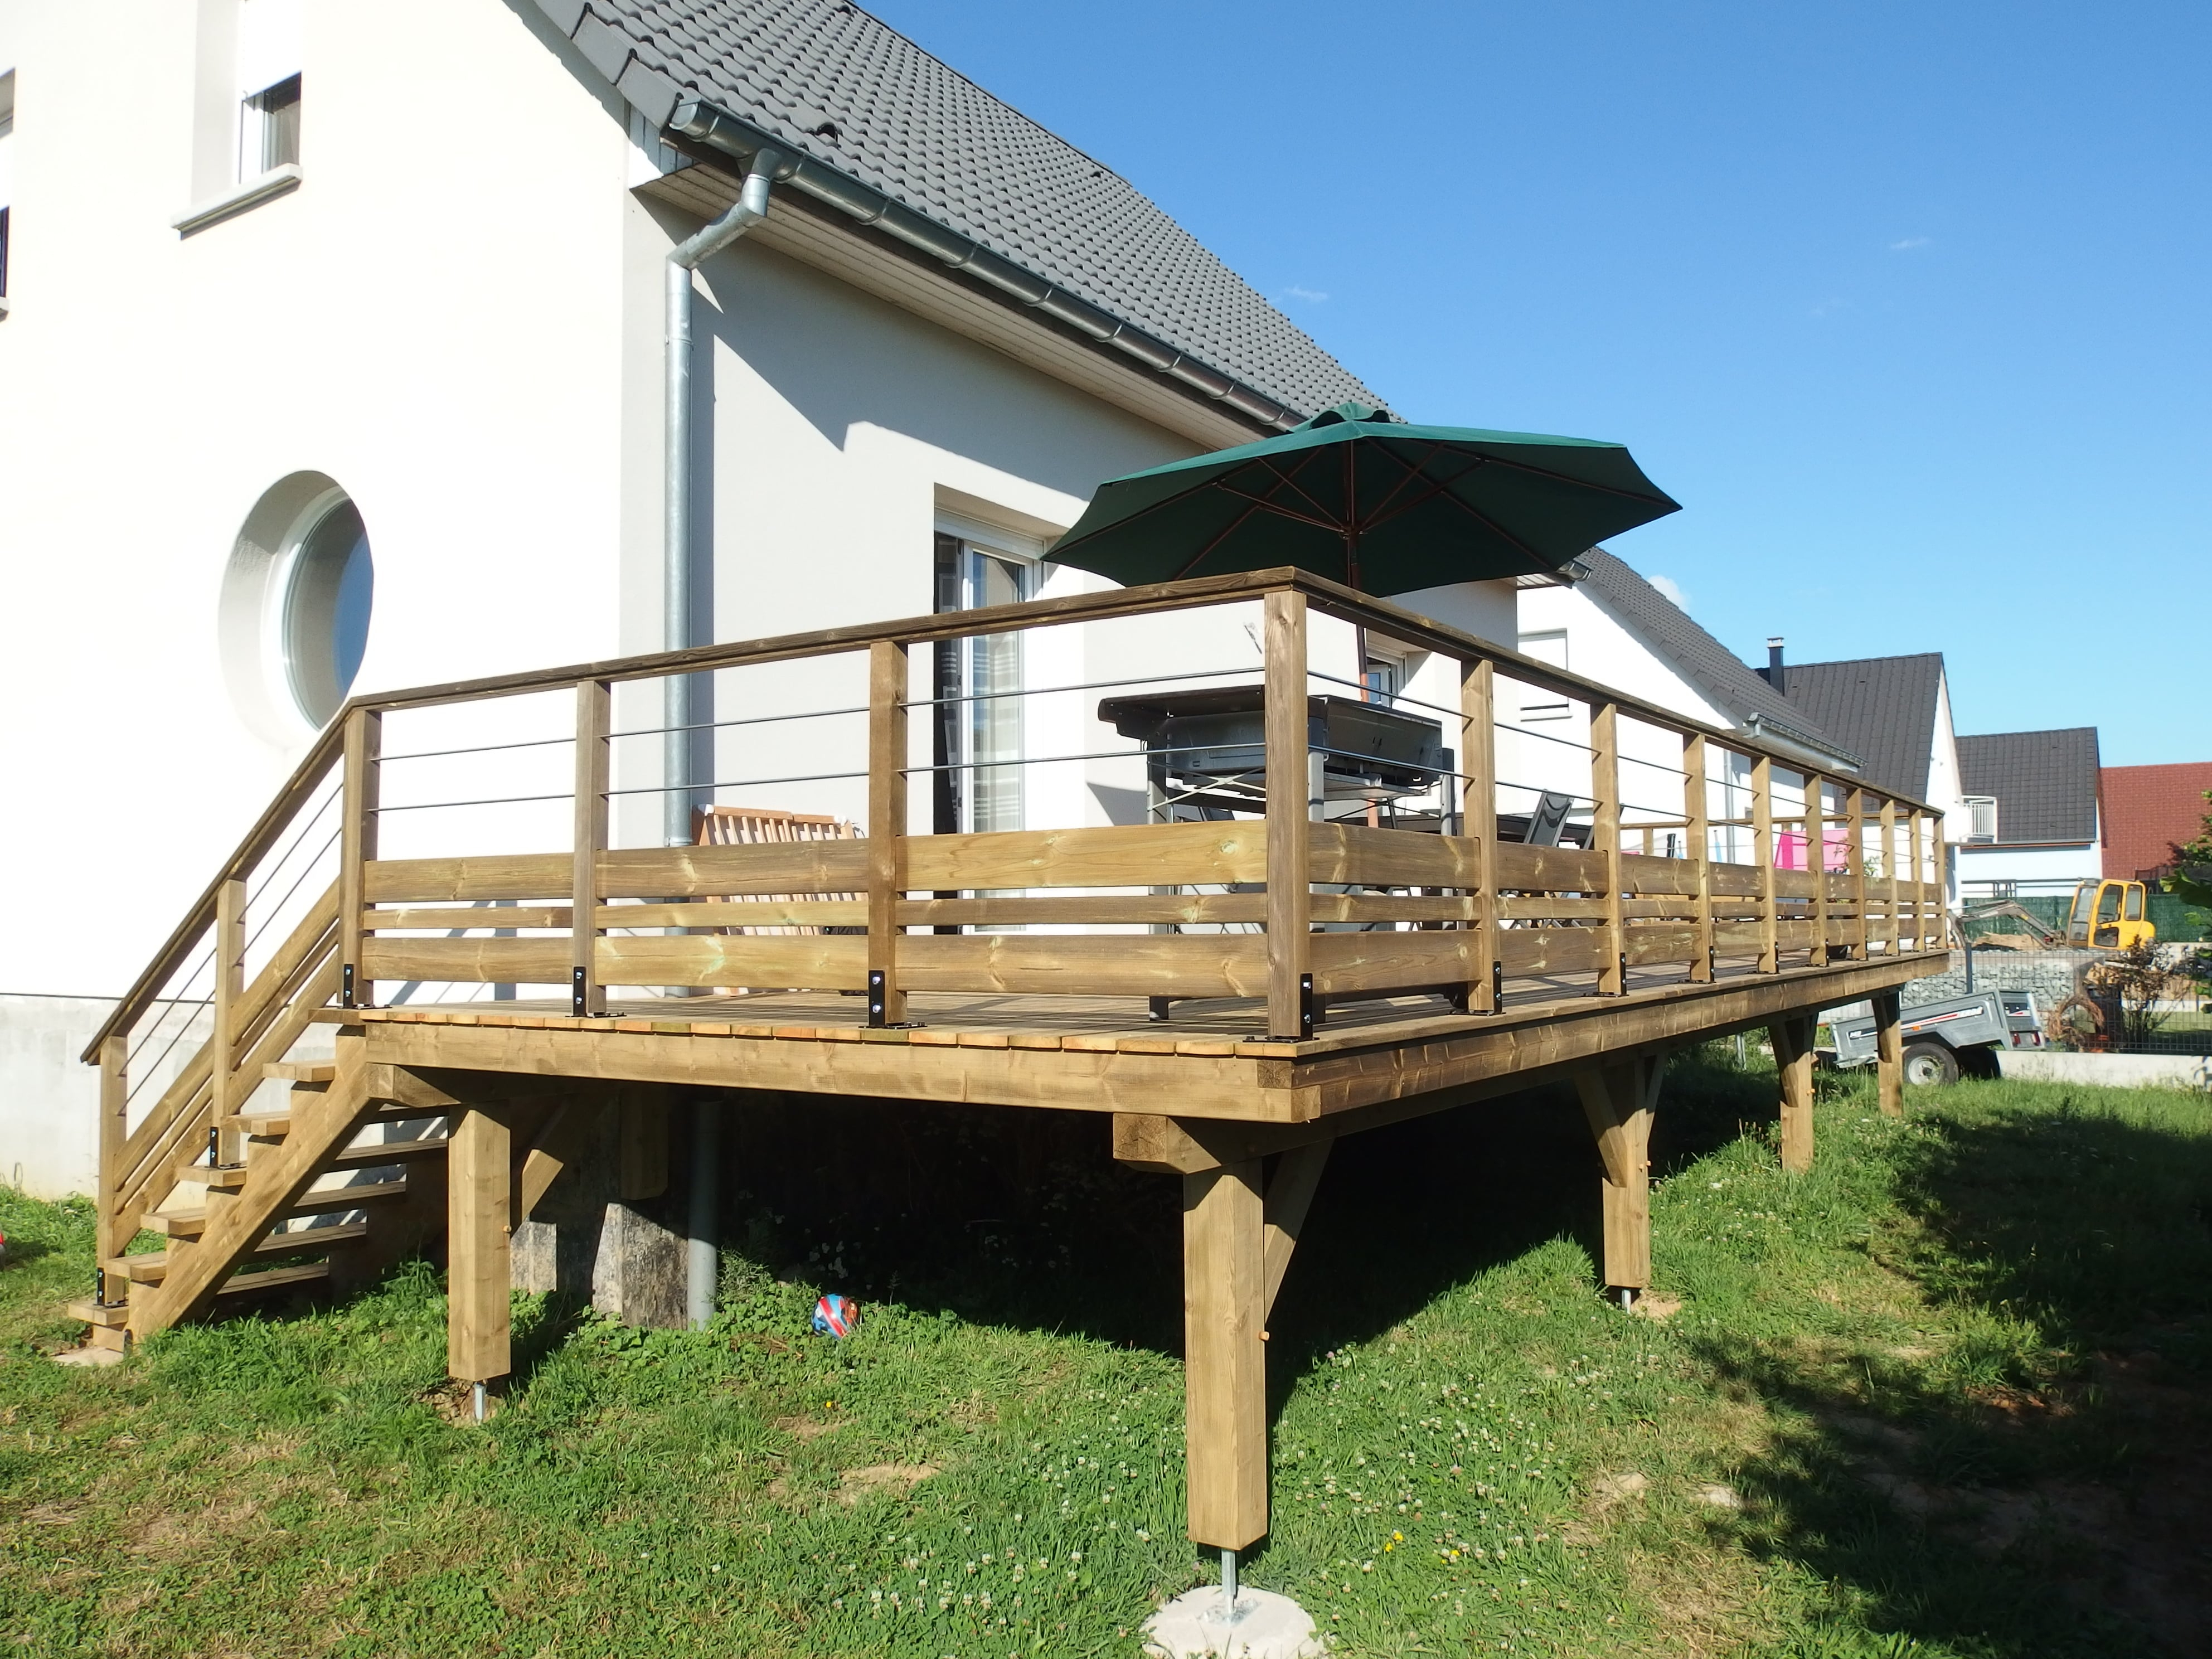 Terrasse Bois En Alsace. Pergolas, Abris En Bois, Carports dedans Abri De Terrasse En Bois